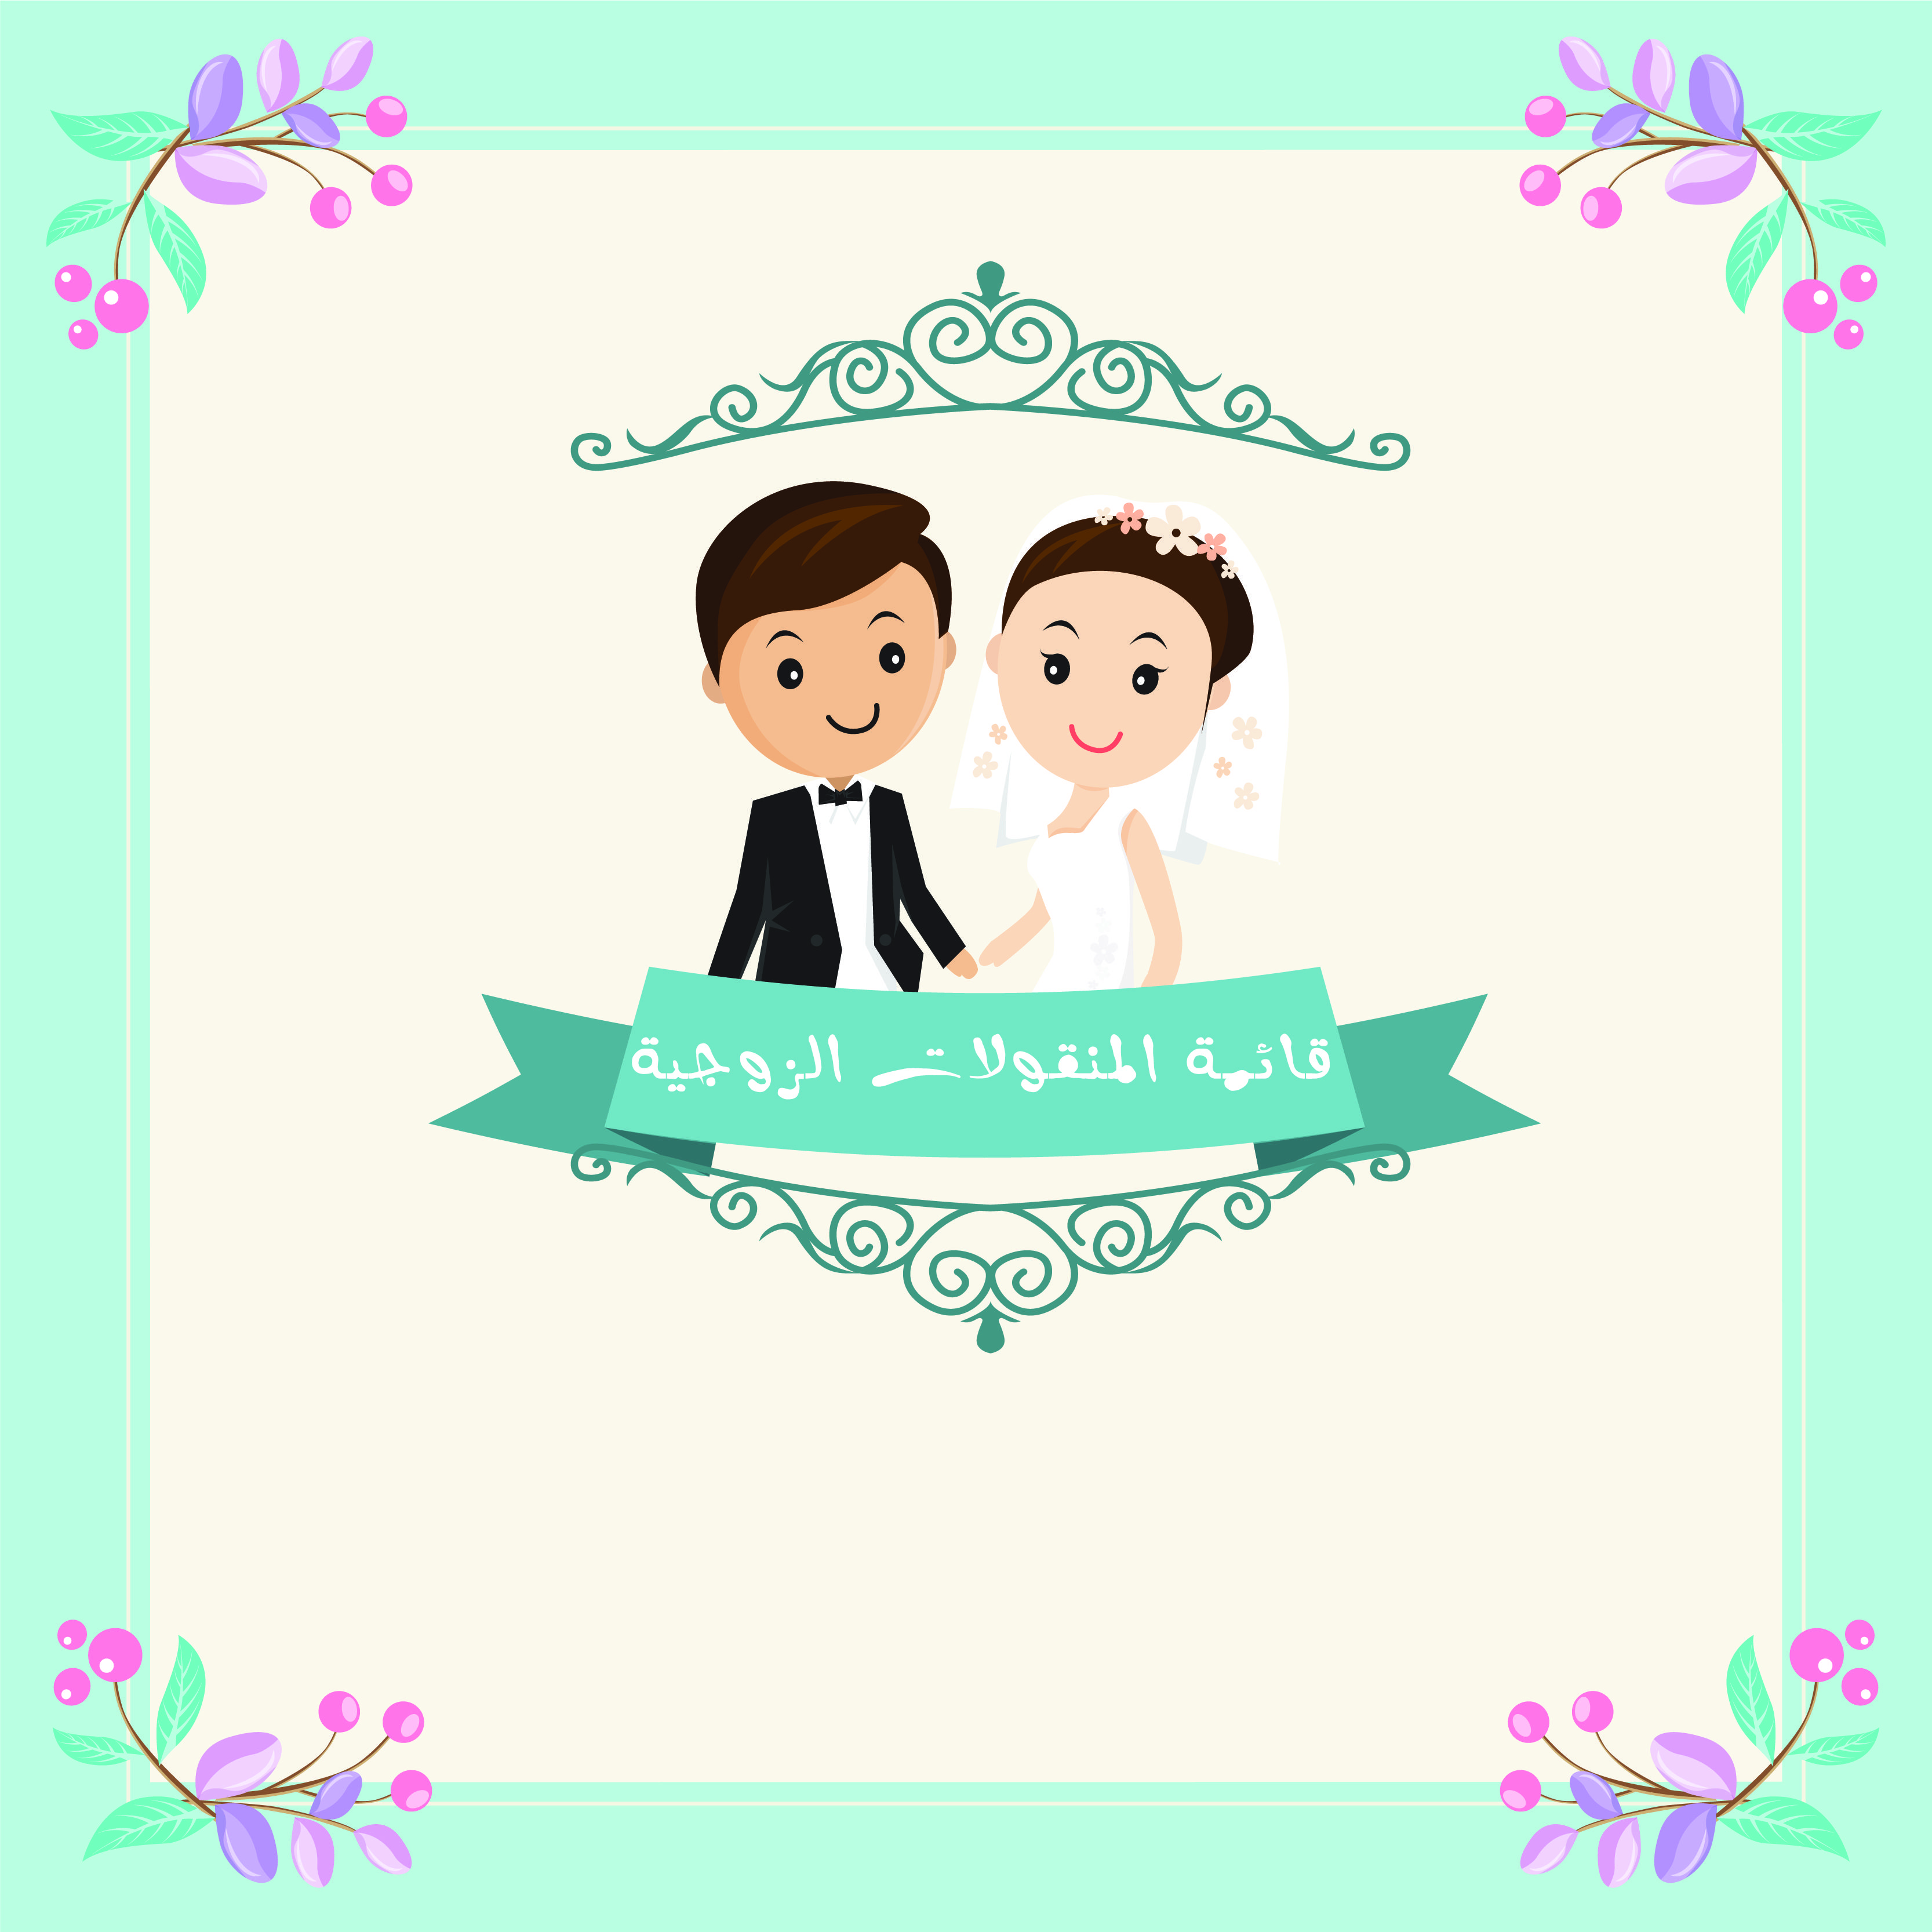 قائمة جهاز منقولات زوجية طريقة كتابة و صيغة قائمة جهاز منقولات العروسة قايمة جهاز العروسة Blog Posts Blog Character